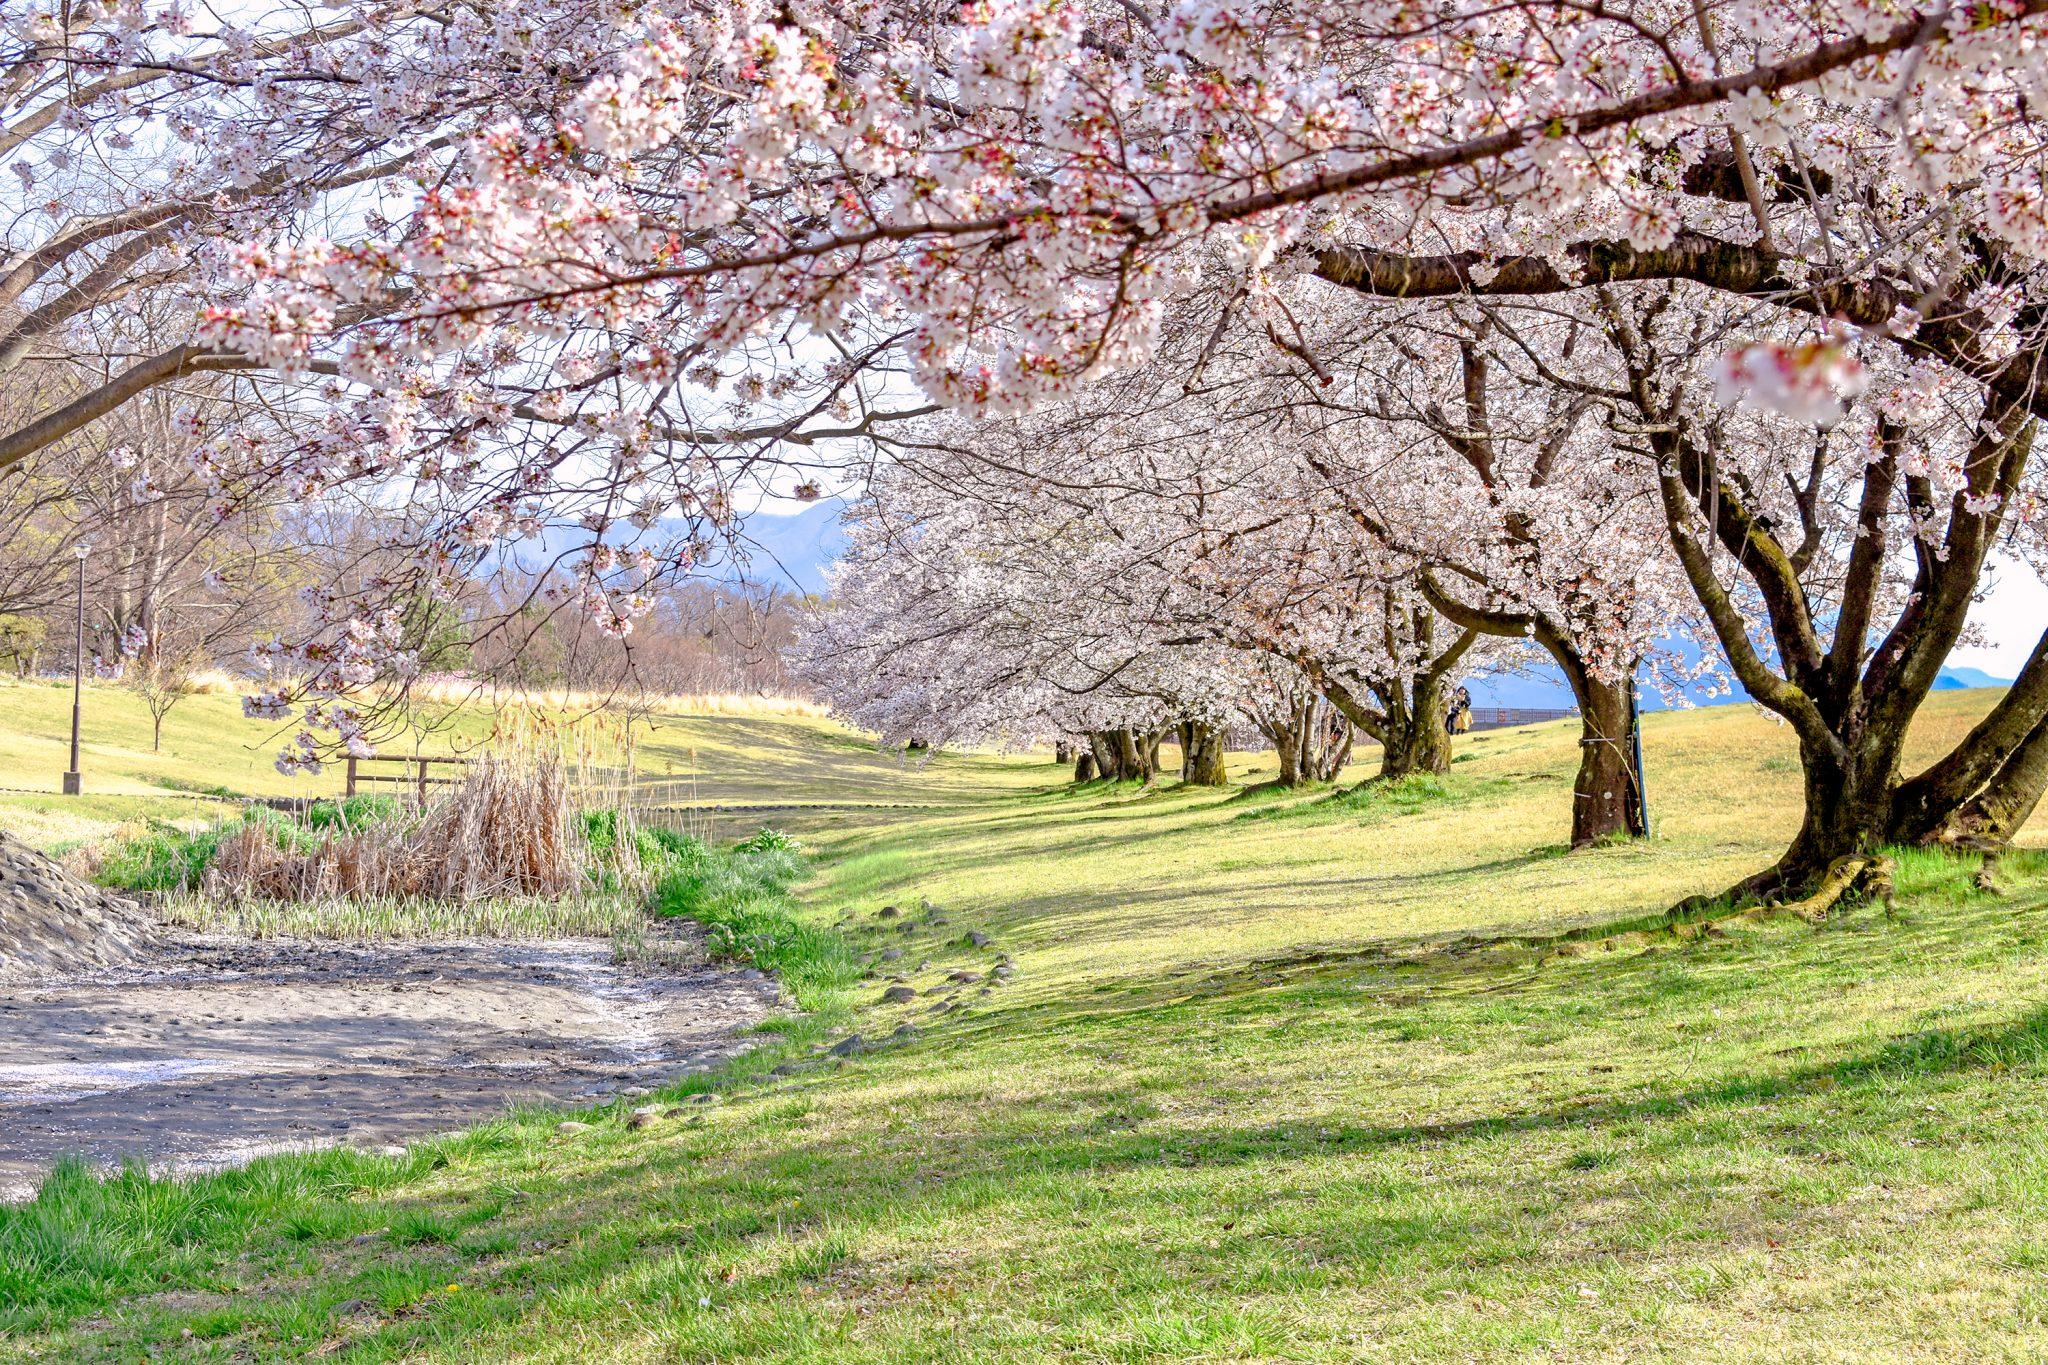 信玄堤公園の桜 写真2